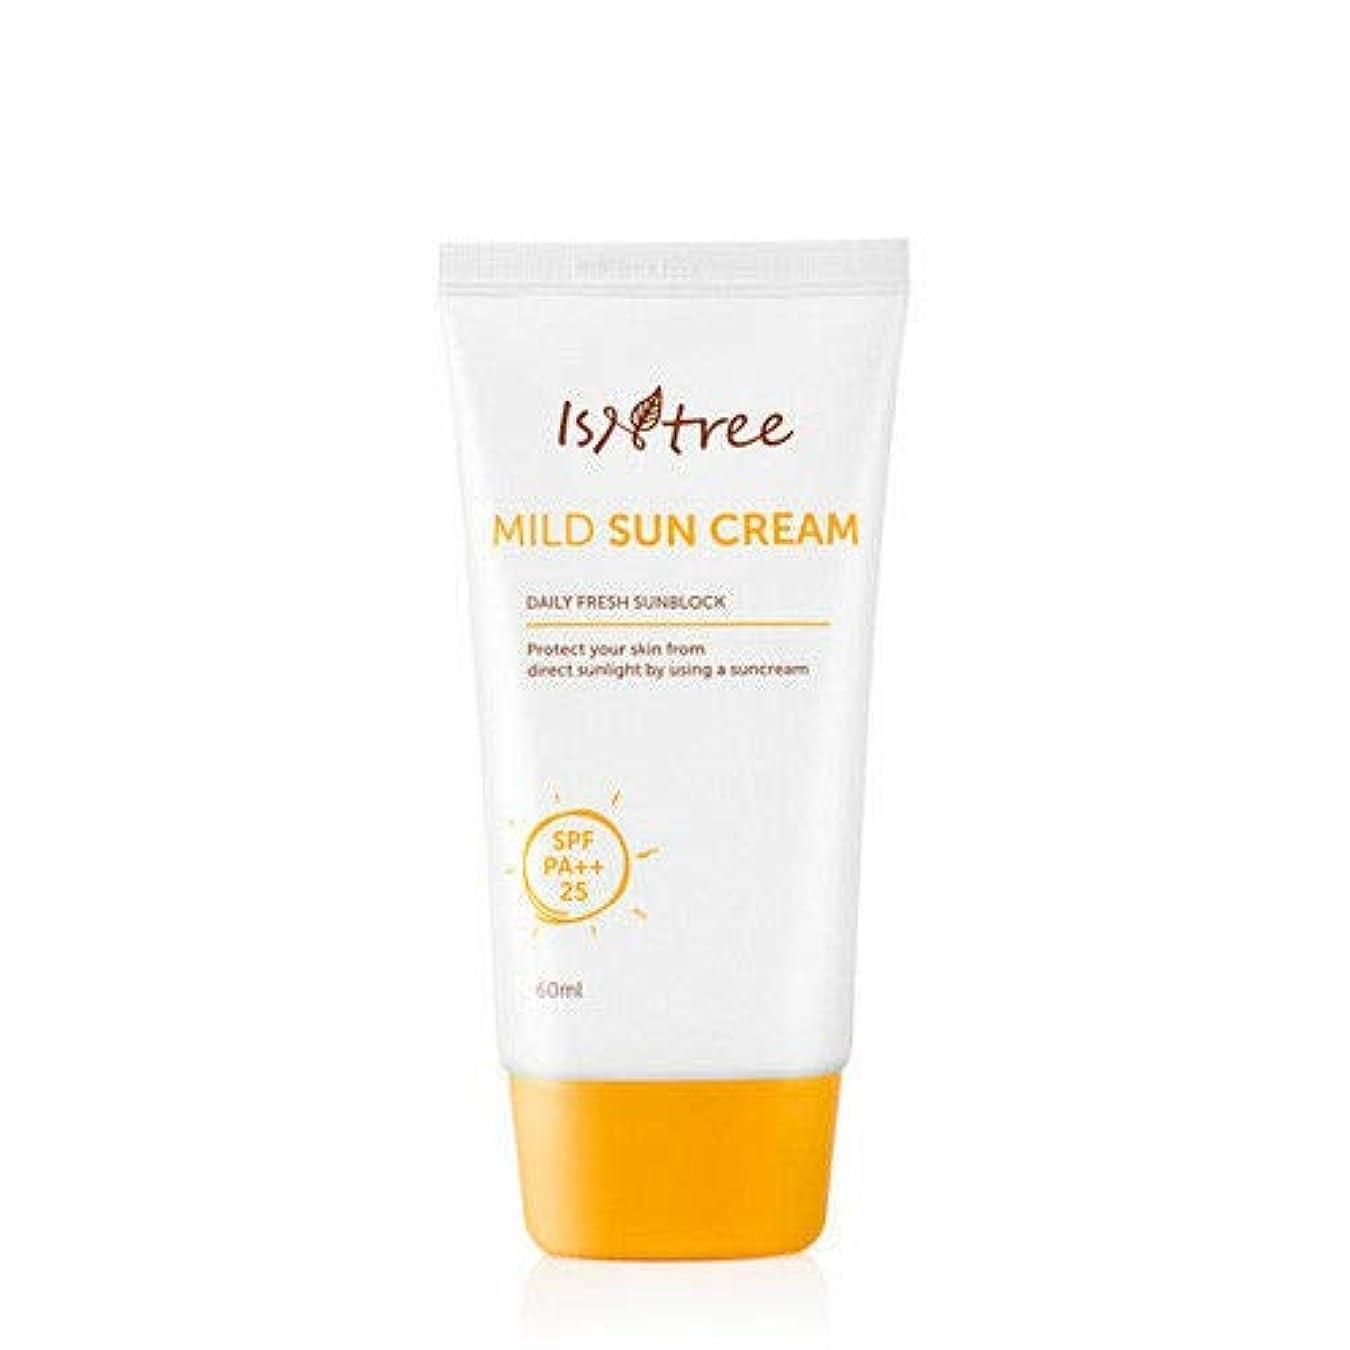 ヒール満足させる器官ISNTREE マイルドサンクリーム (60ml) SPF25 /PA ++ Mild Sun Cream 韓国 日焼け止め IS&TREE